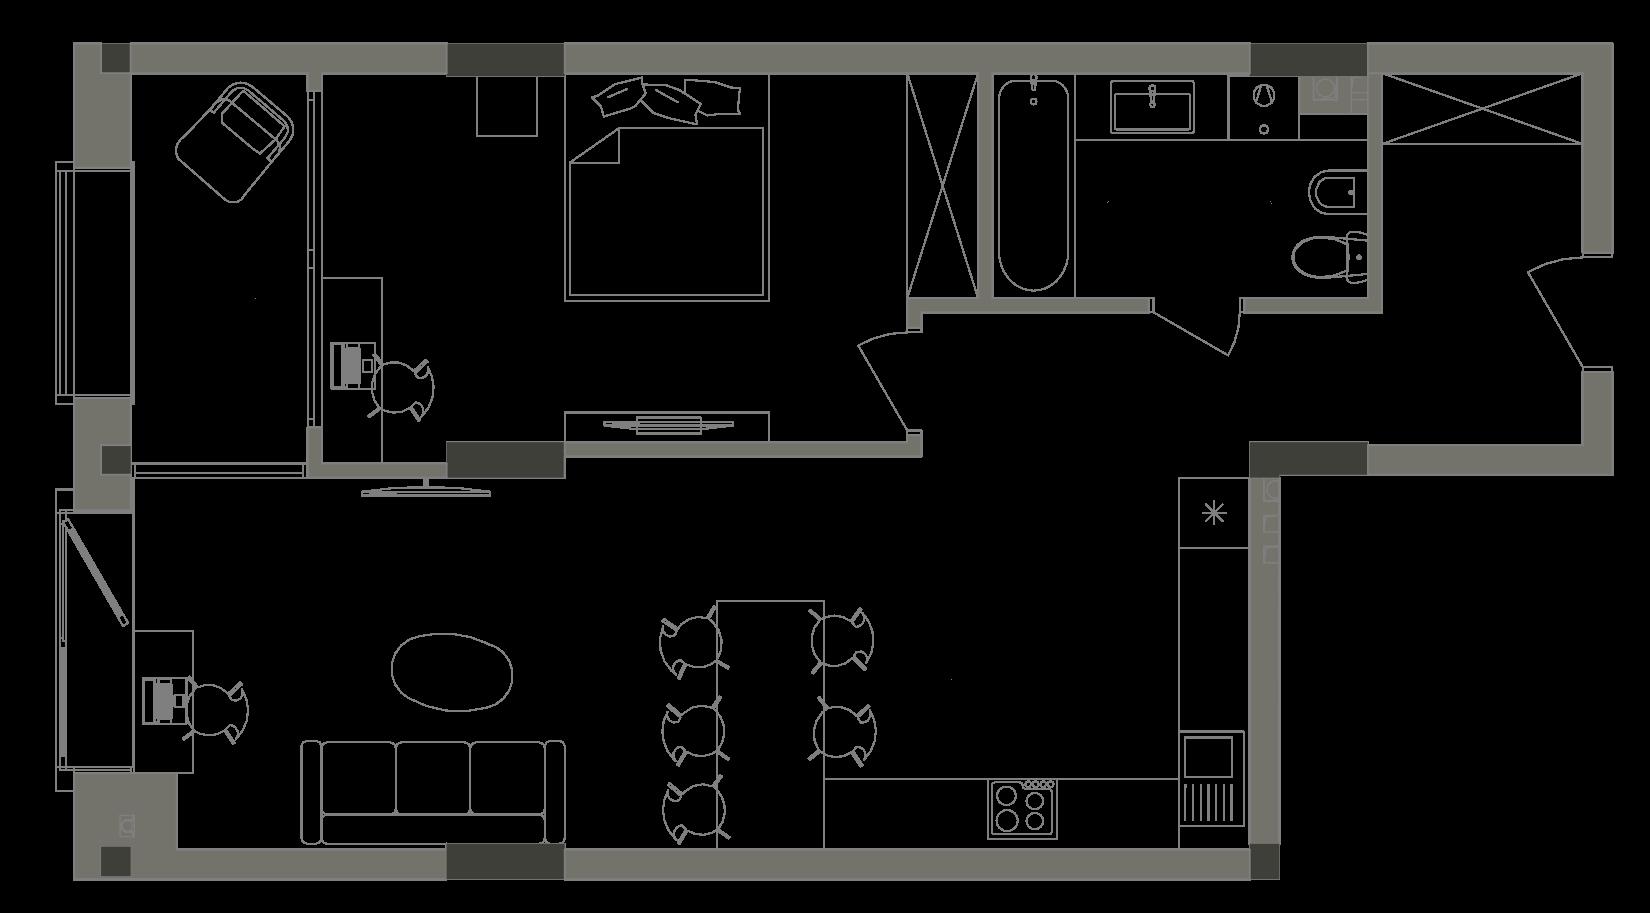 Квартира KV_2_1A_1_1_2